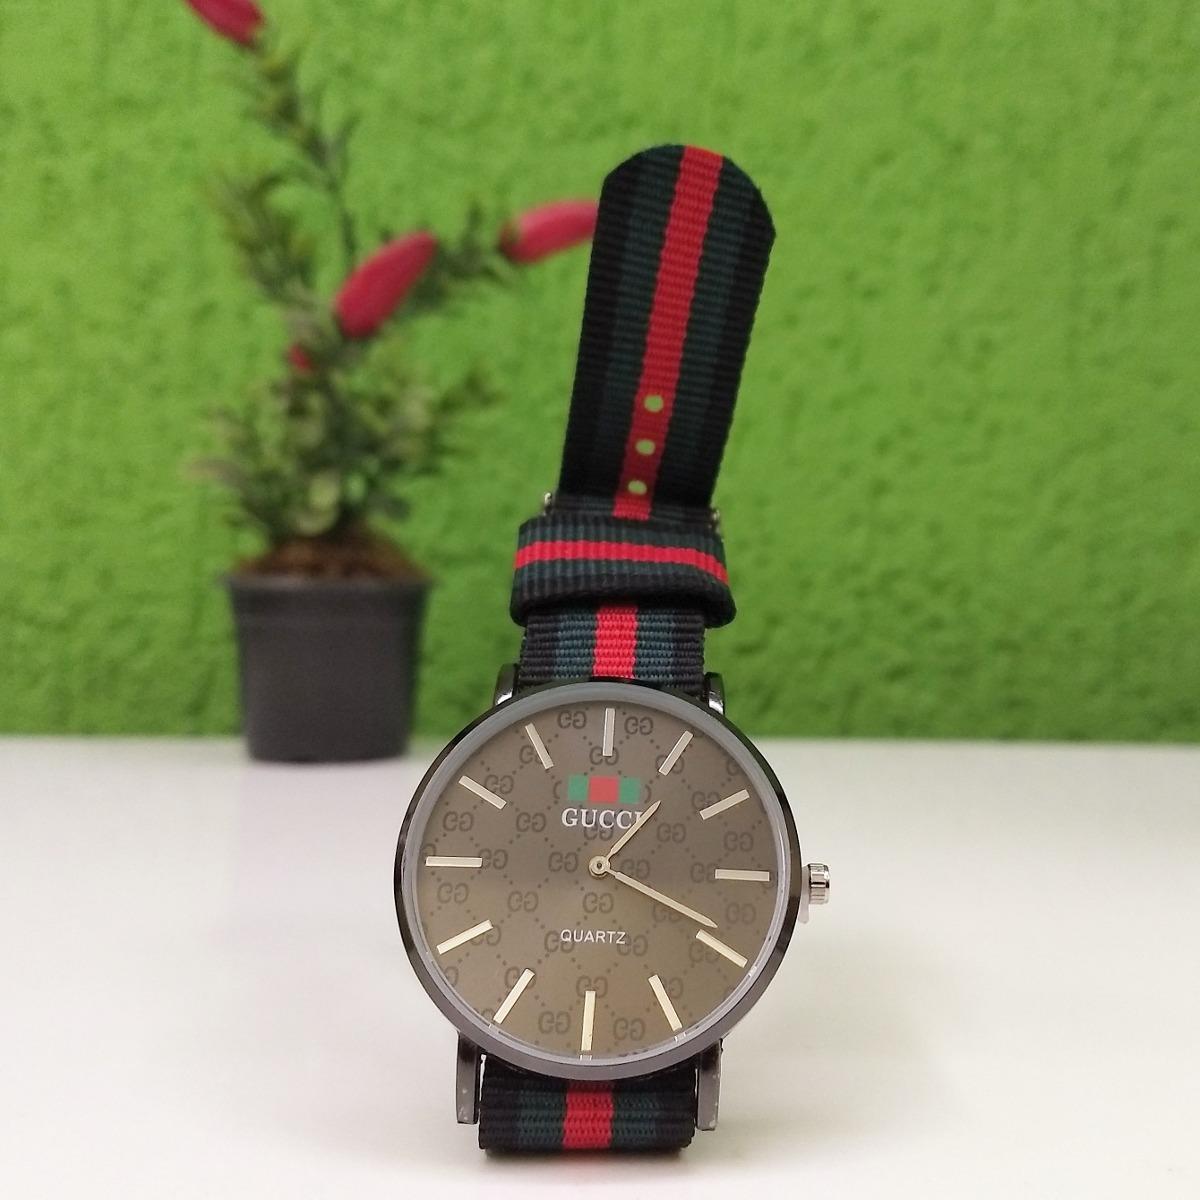 a919dd804 relógios importados gucci unisex ótima qualidade. Carregando zoom.